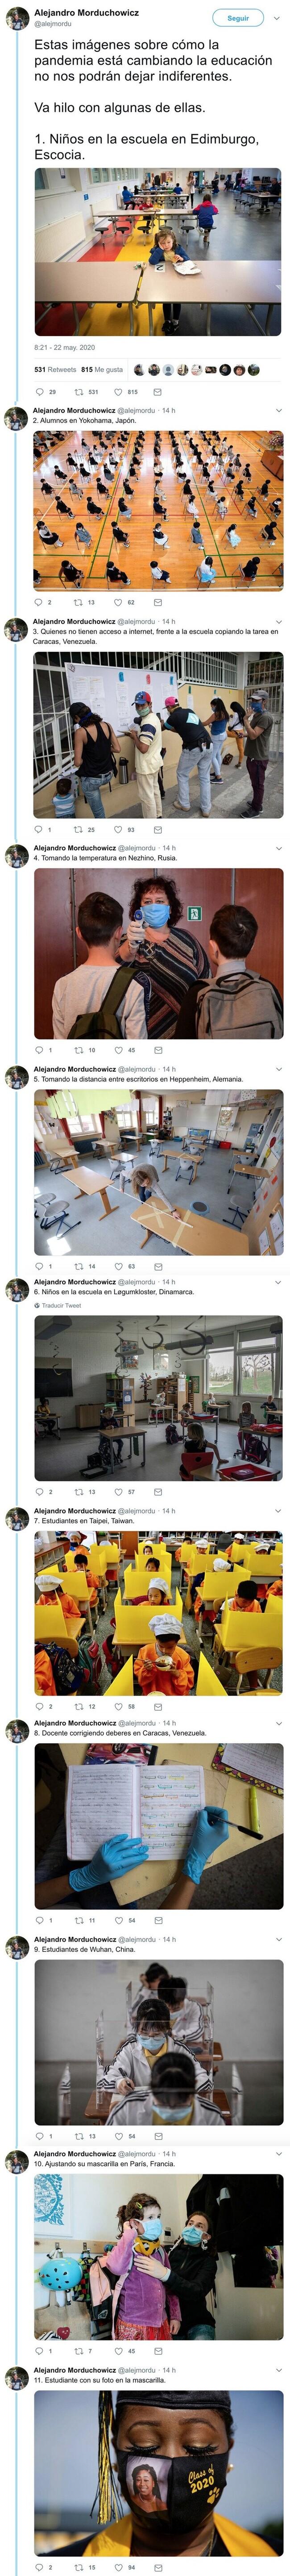 16801 - Estas imágenes sobre cómo la pandemia está cambiando la educación no nos podrán dejar indiferentes, por @alejmordu